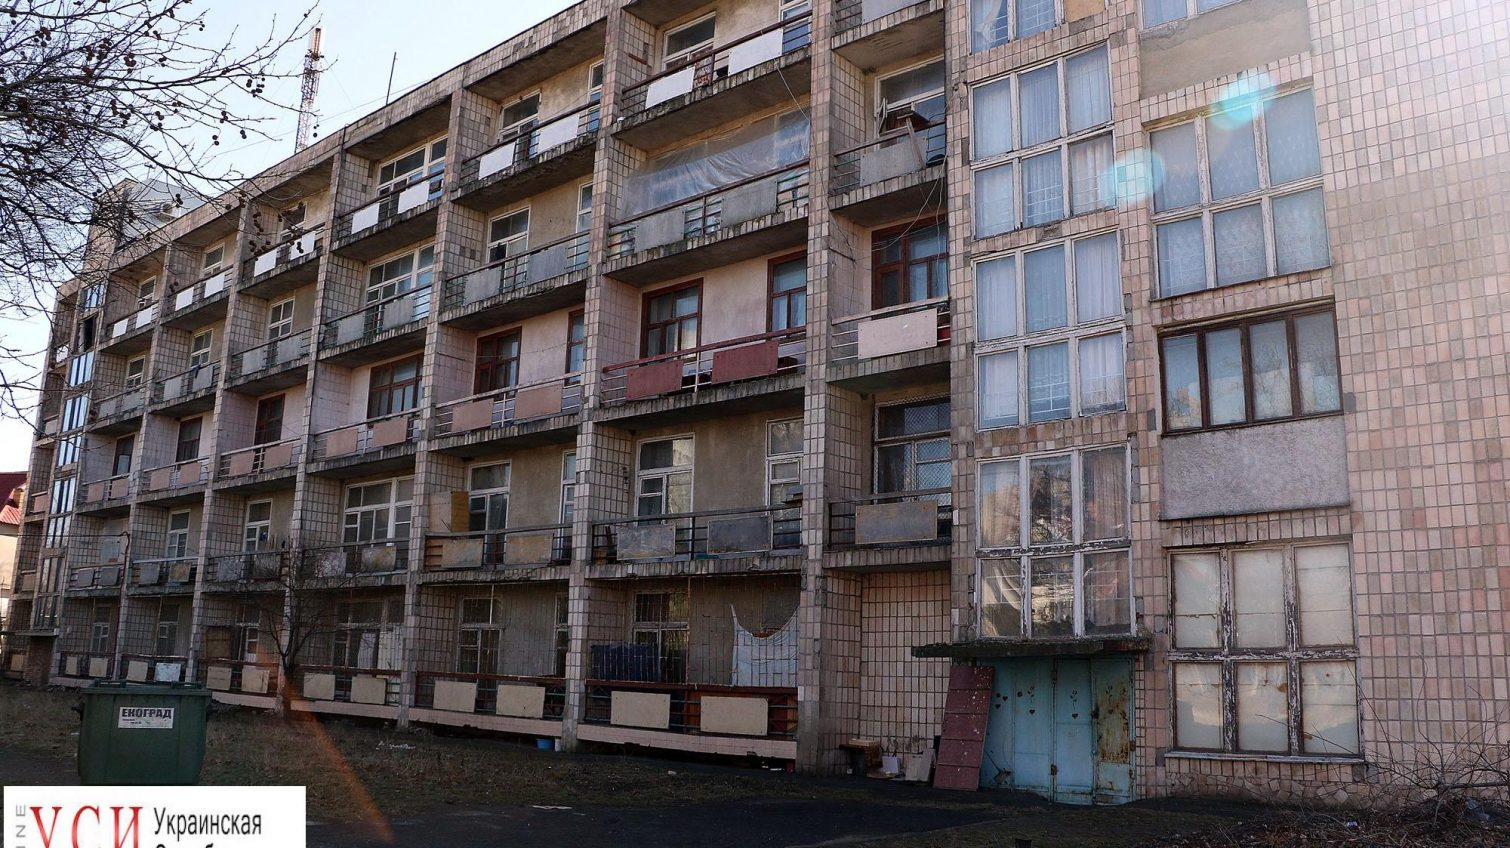 В Одессе санаторий «Красные зори» признали историческим местом: здесь нельзя строить «фото»